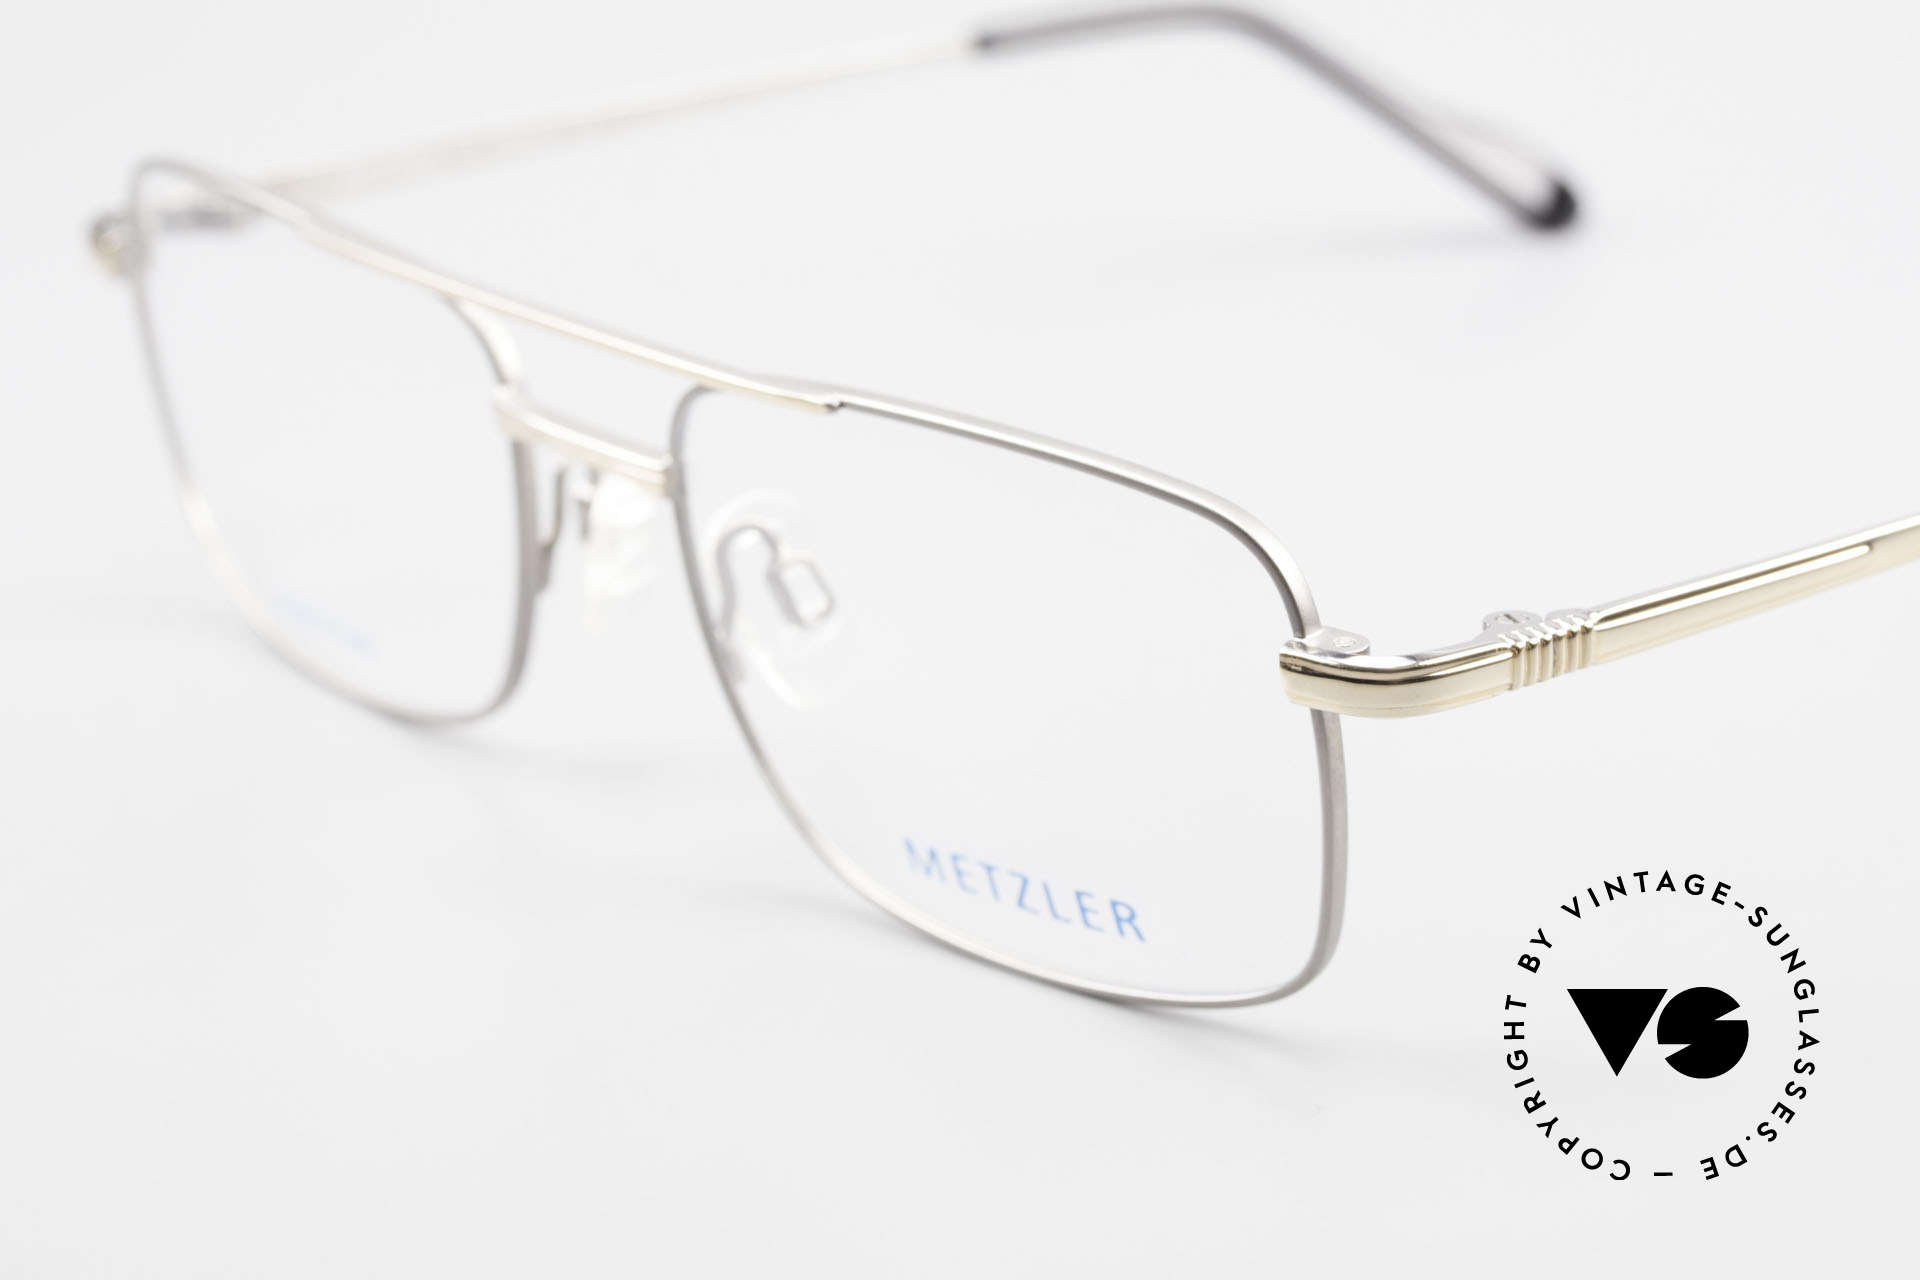 Metzler 1680 90's Titan Eyeglasses For Men, never worn (like all our rare vintage 90s eyeglasses), Made for Men